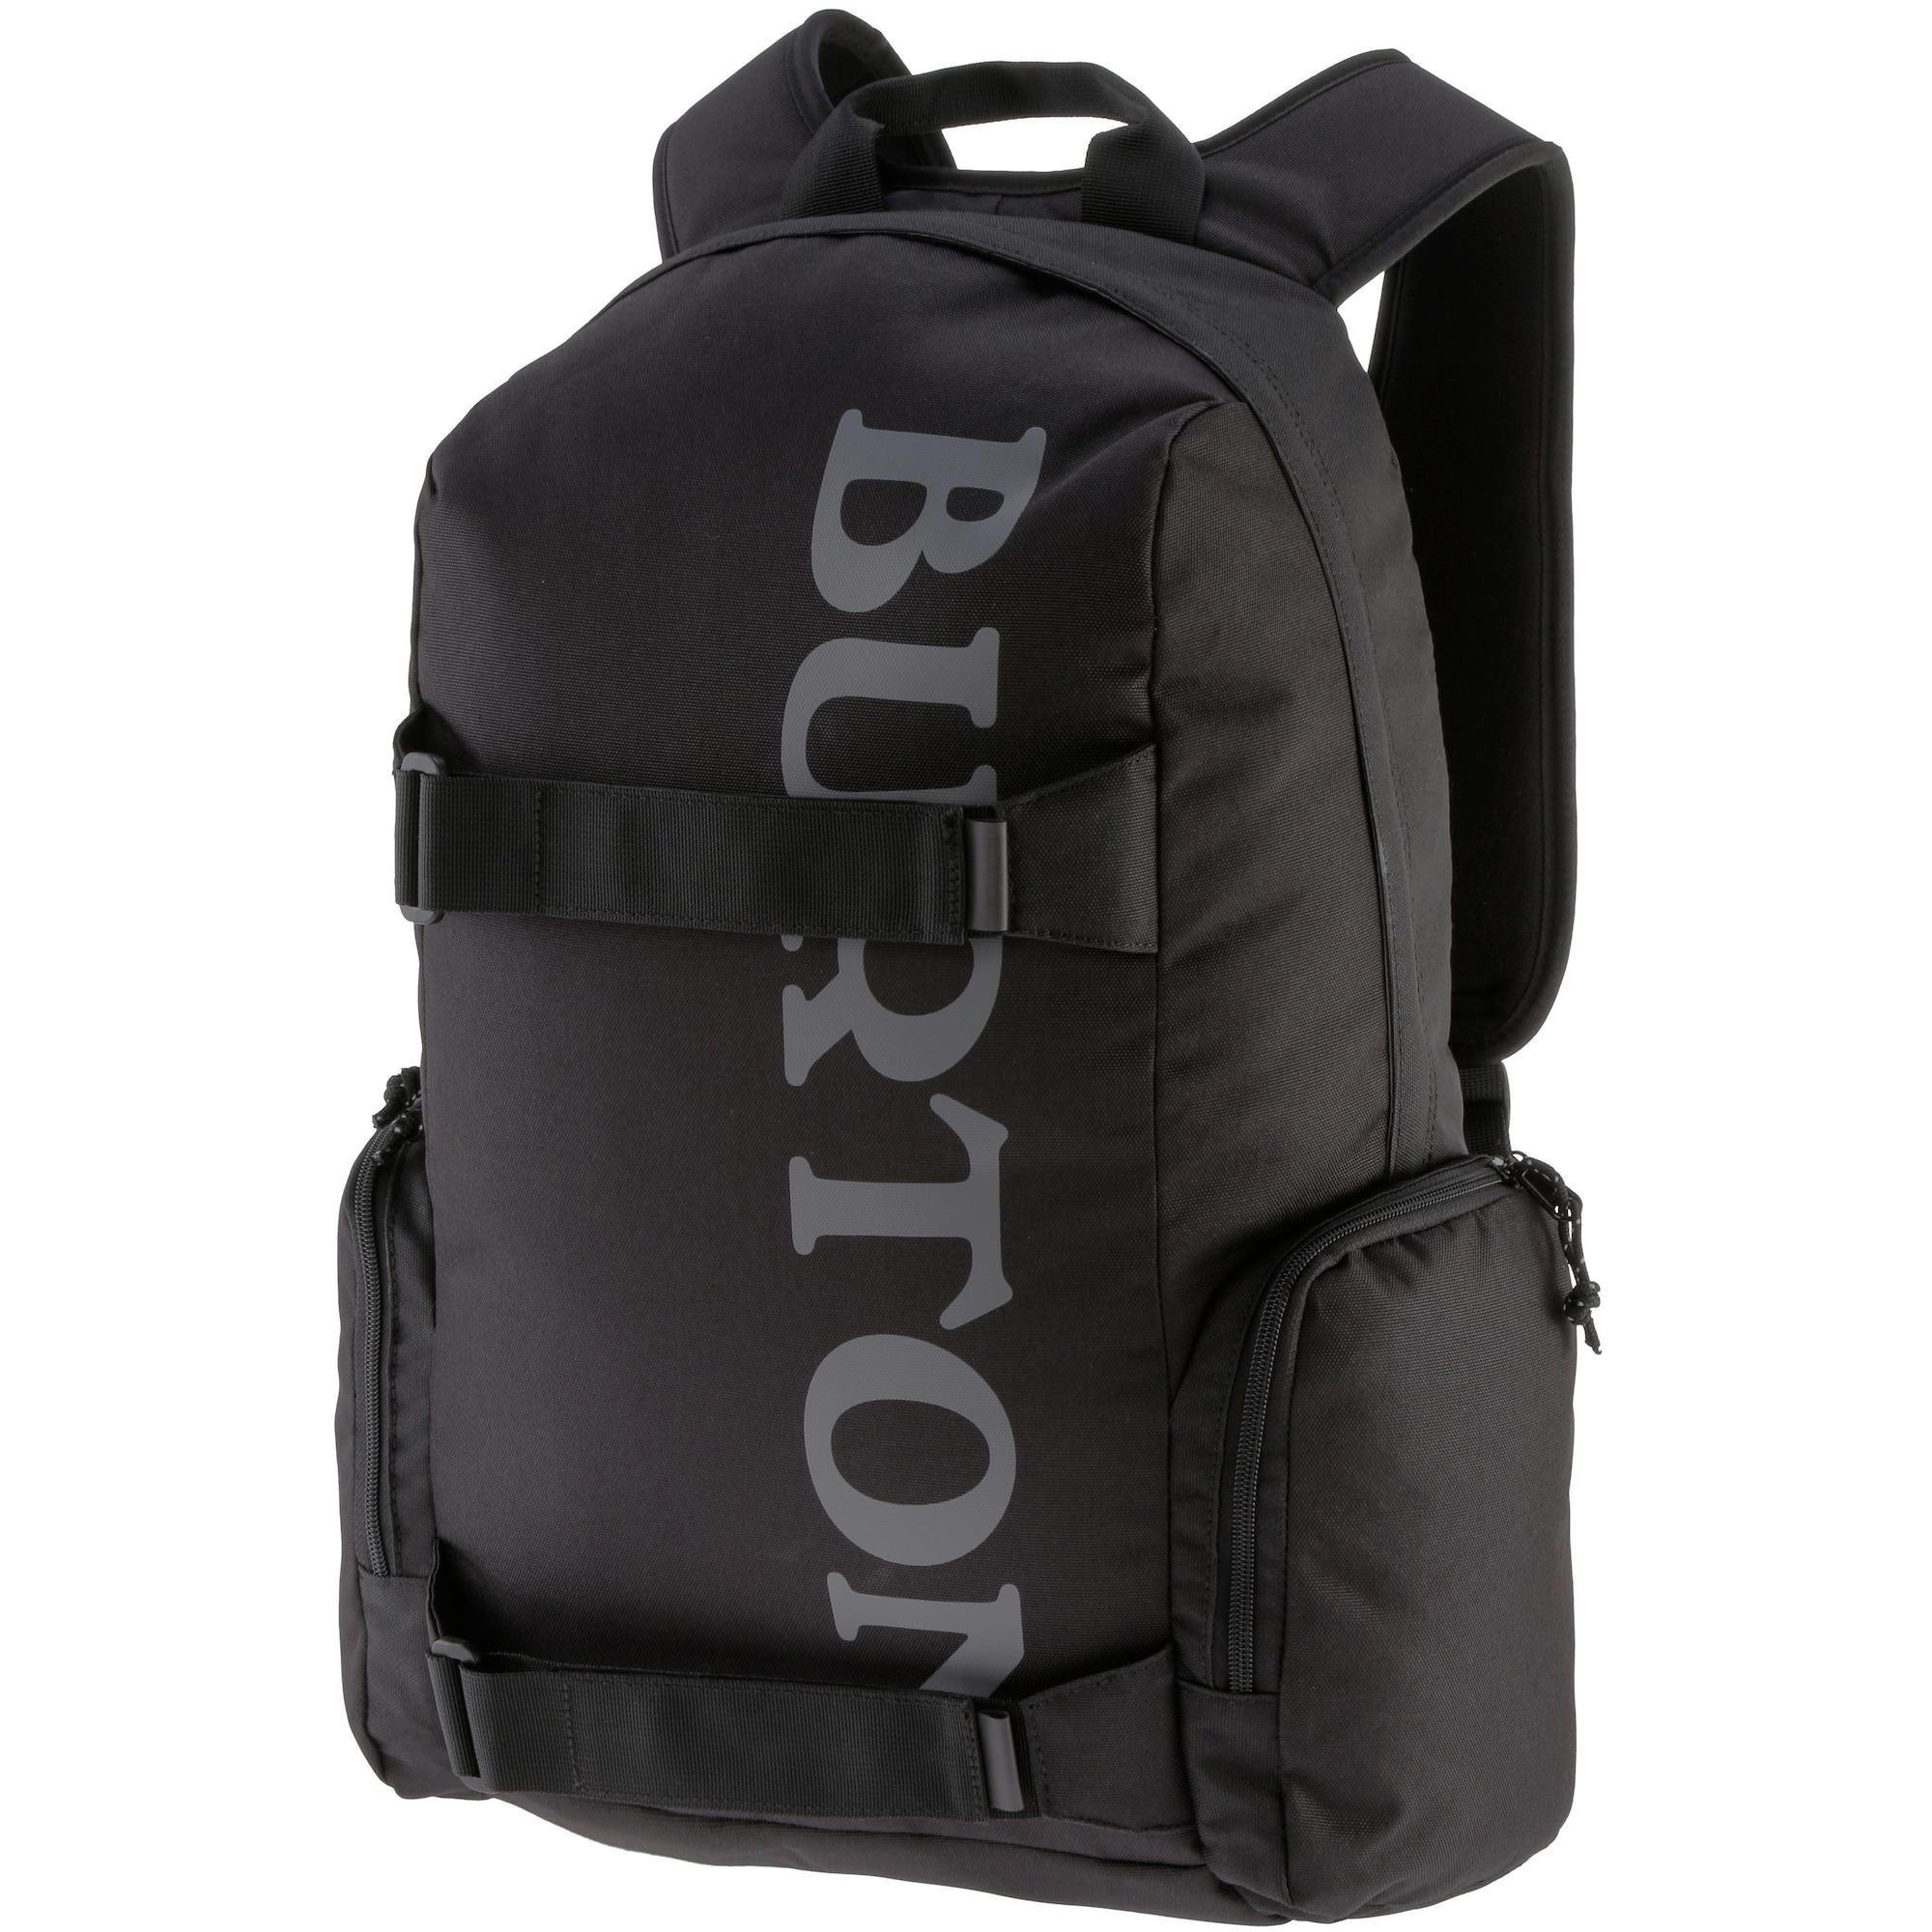 'EMPHASIS PACK' Daypack   Taschen > Rucksäcke > Tourenrucksäcke   Burton